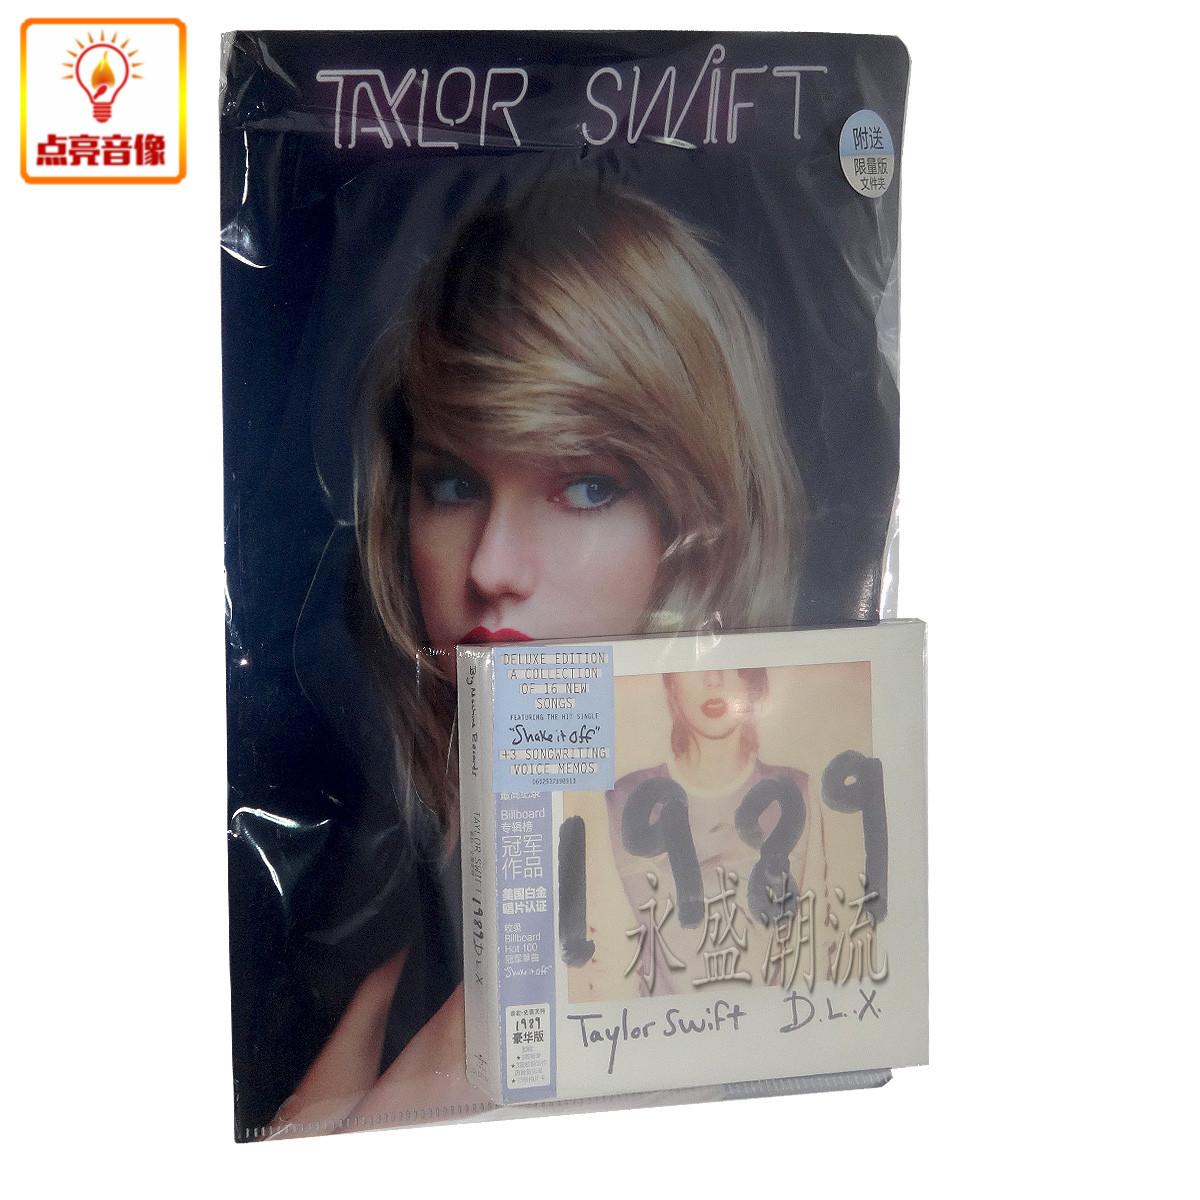 正版音乐 Taylor Swift 1989泰勒斯威夫特CD+13拍立得照片